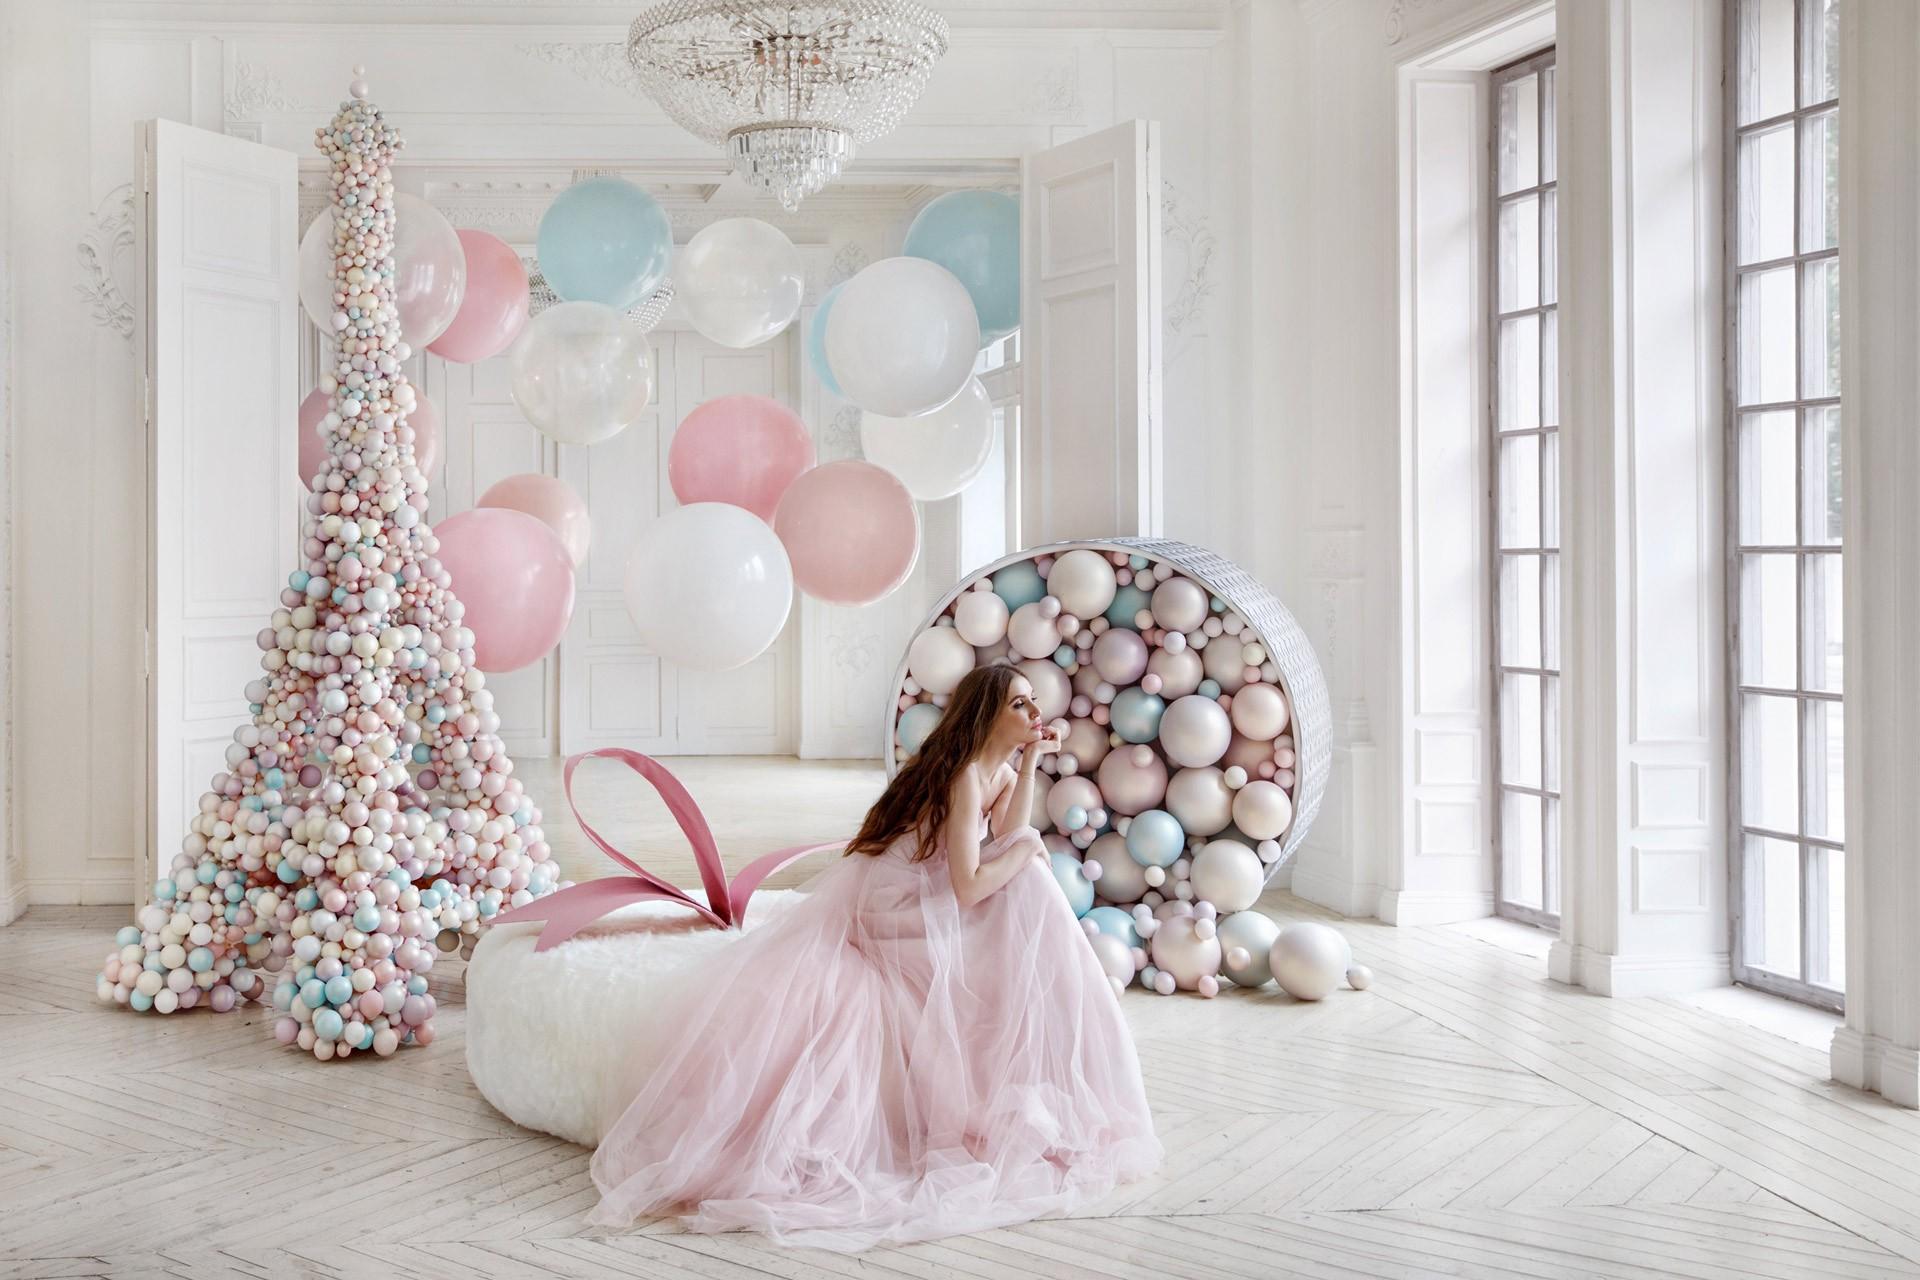 фотостудии для розовой свадьбы того времени отличалась